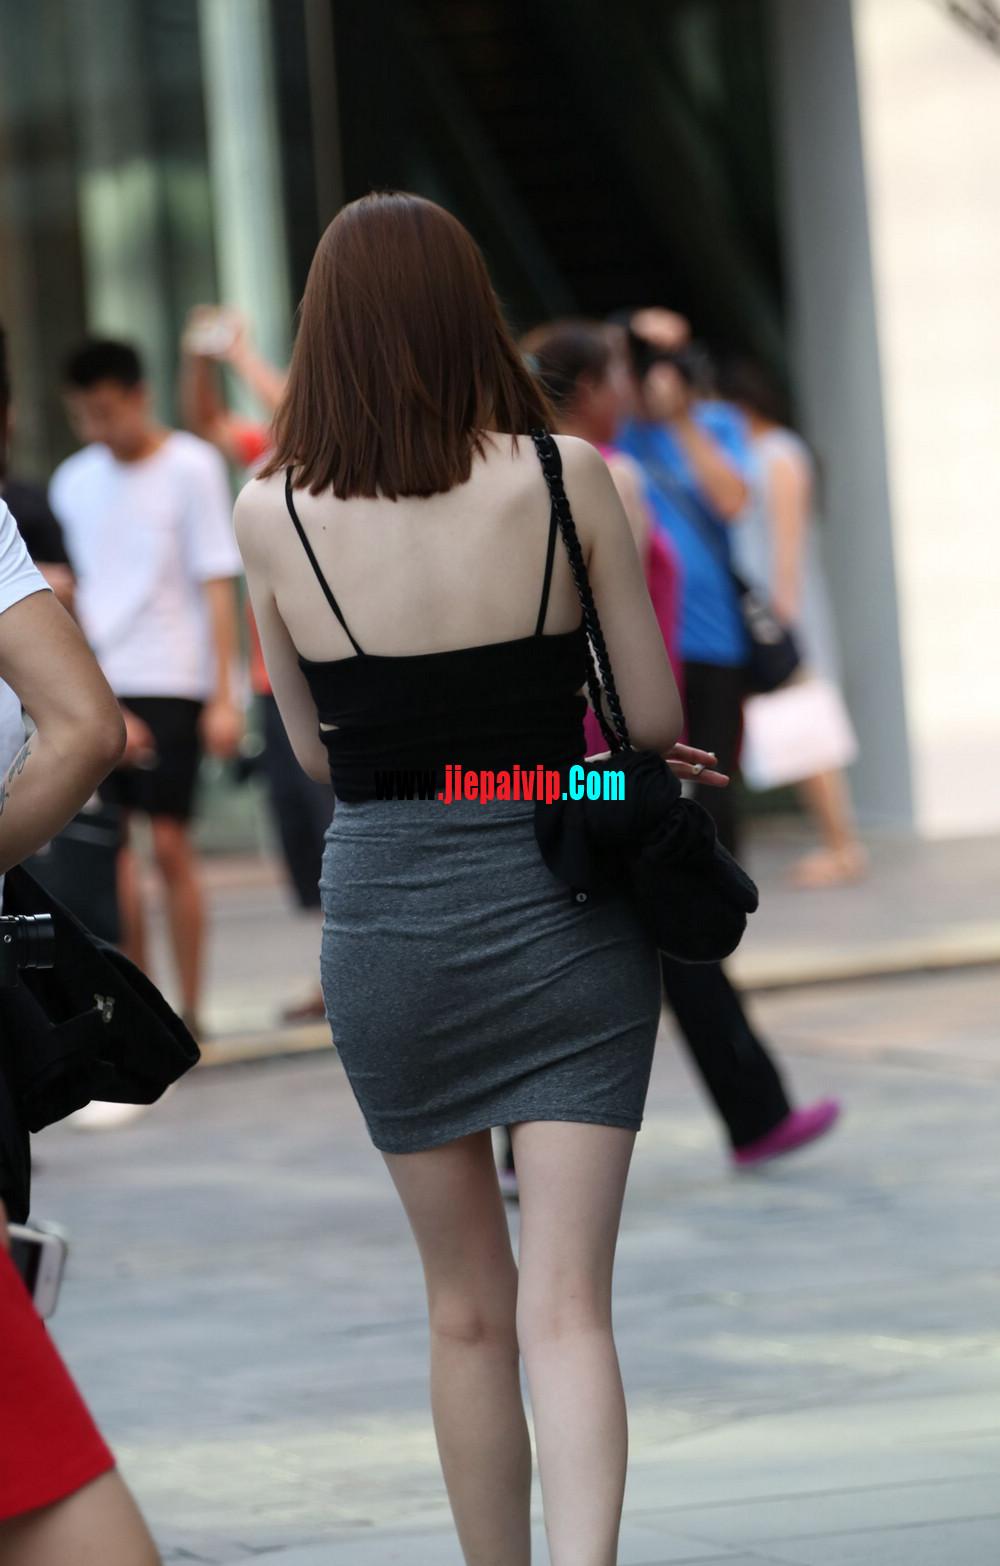 美女你这裙子实在是太紧太短了吧,难道不顾别人的感受吗8